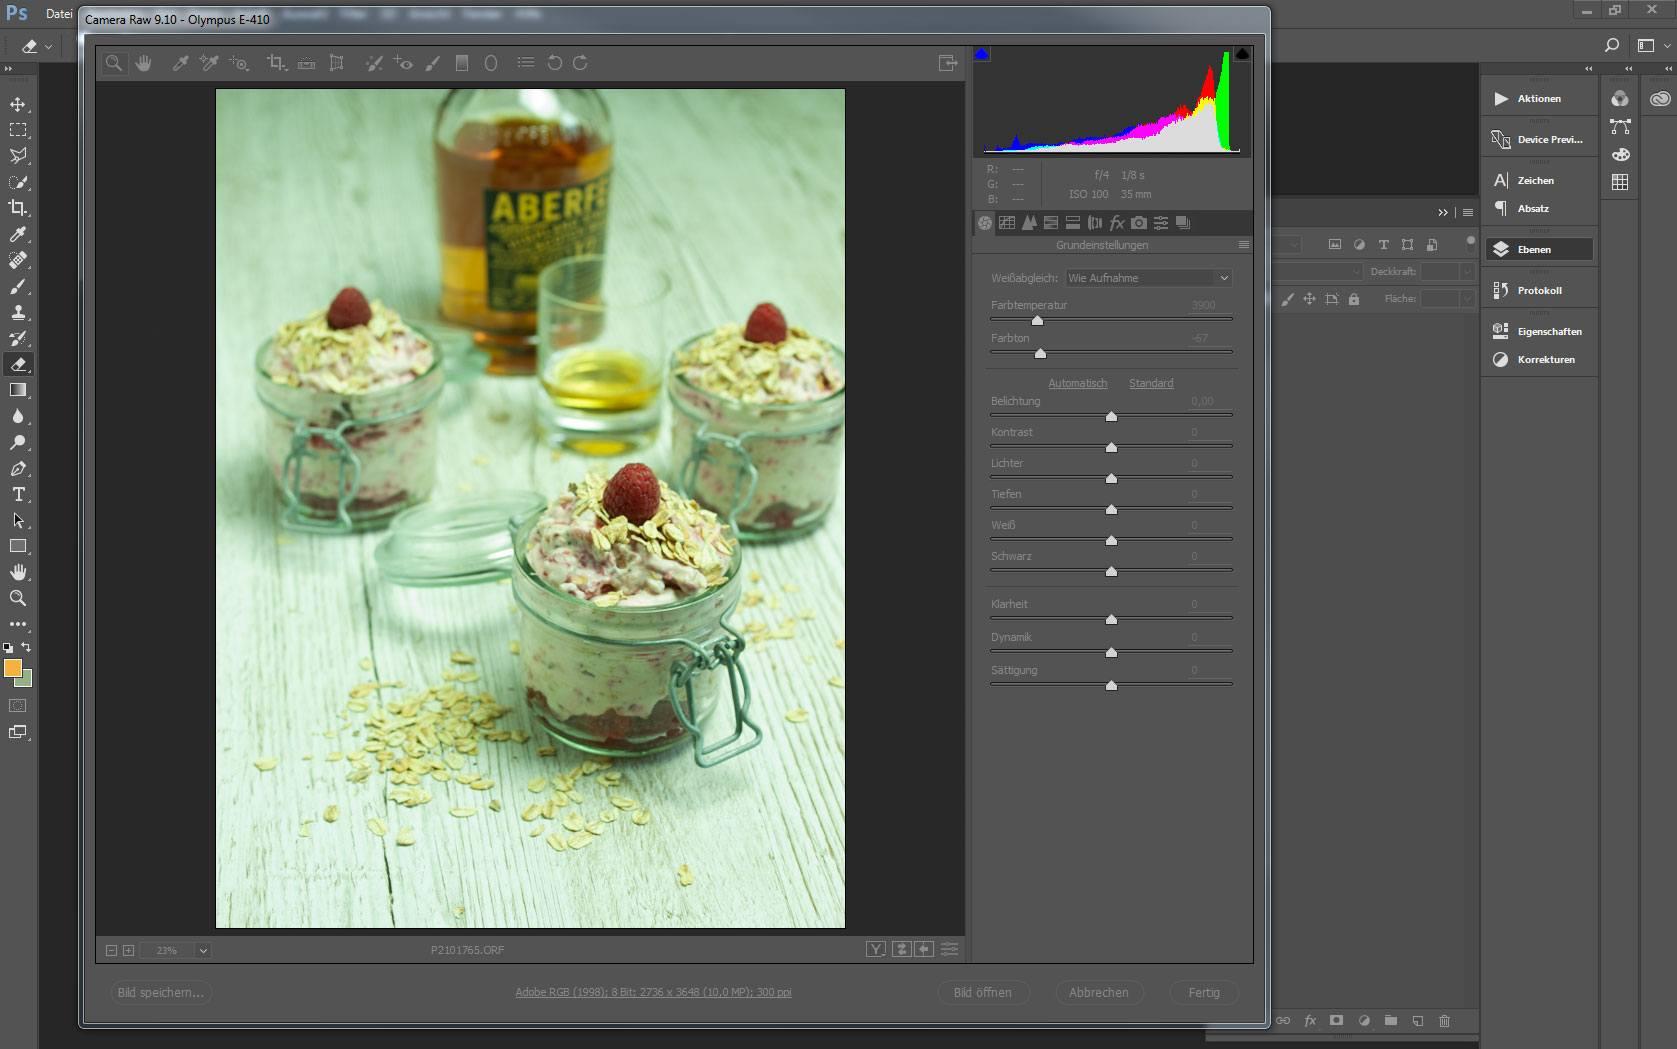 Anzeige eines Bild im Adobe Camera Raw-Modul - unbearbeitet